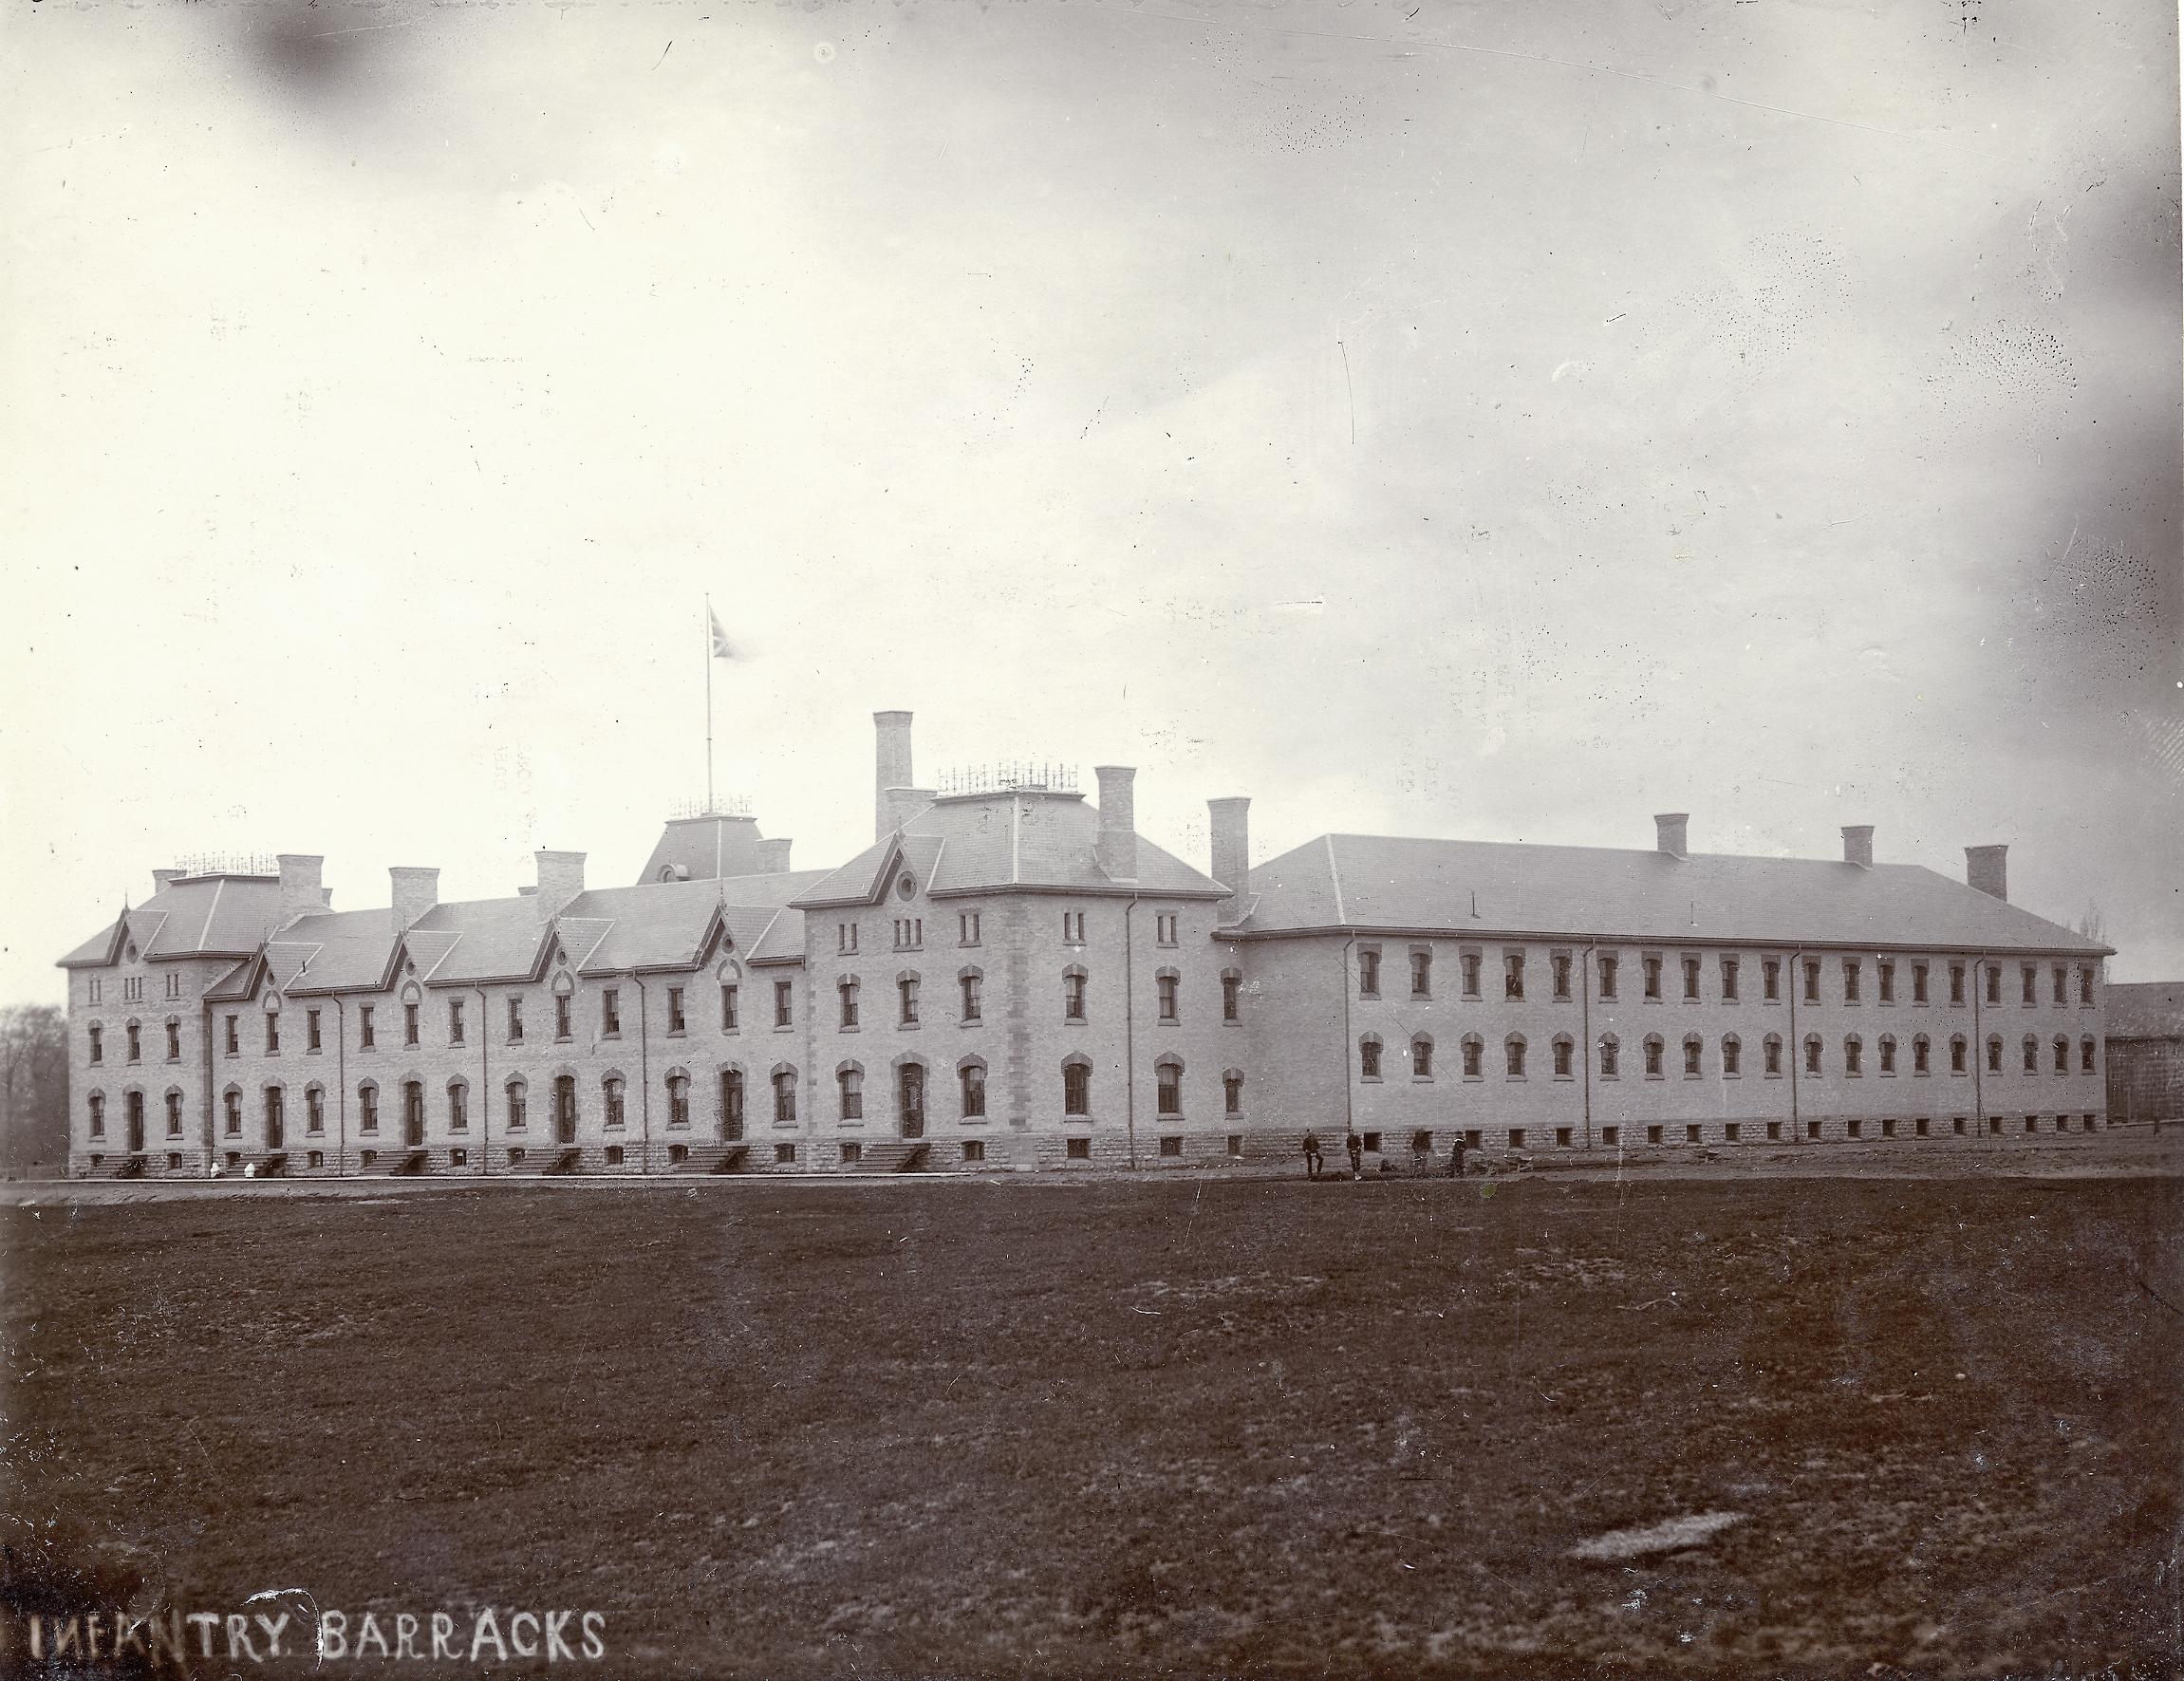 Infantry Barracks, c. 1890